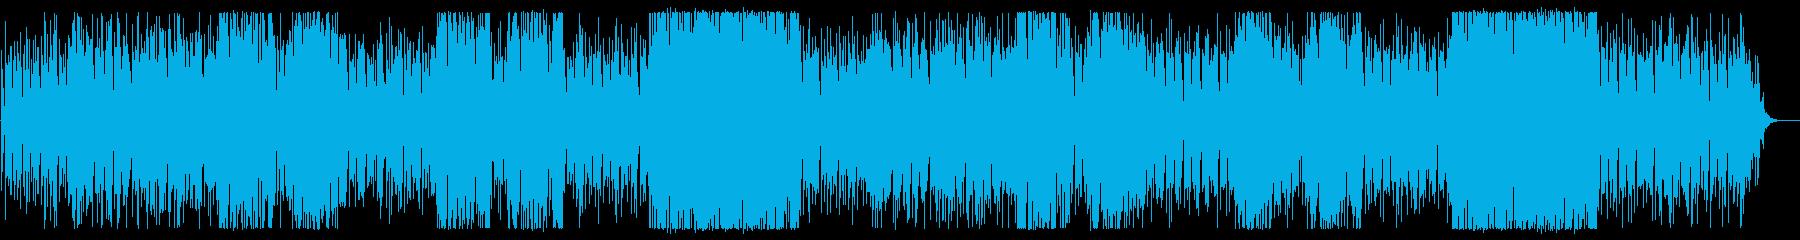 お洒落でカッコいい変則感あるハウスの曲の再生済みの波形